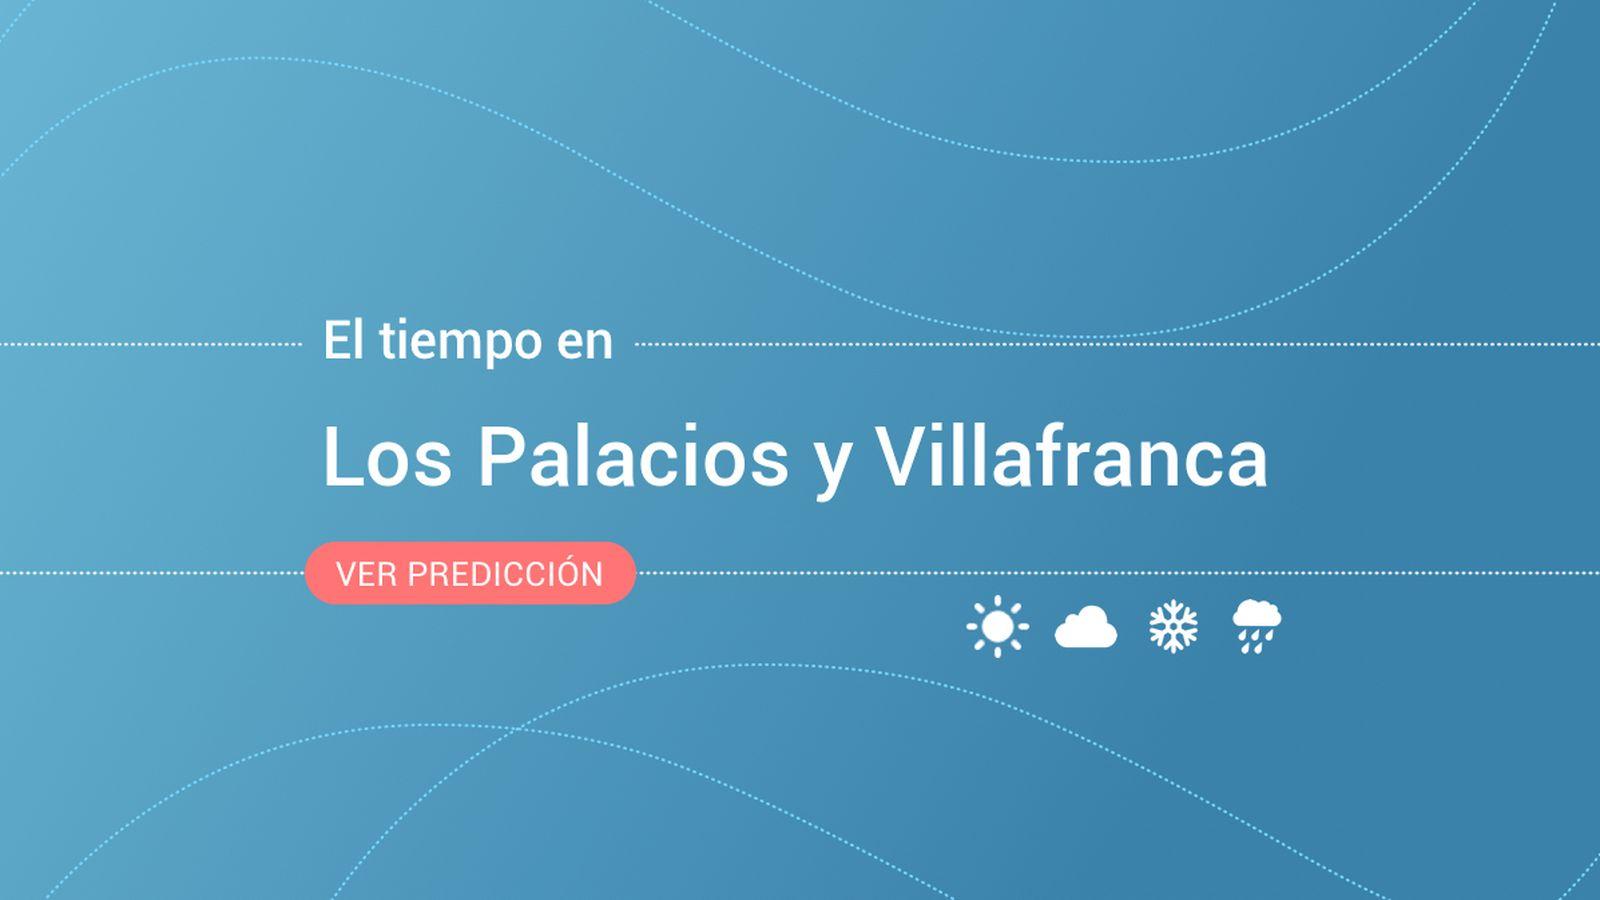 Foto: El tiempo en Los Palacios y Villafranca. (EC)